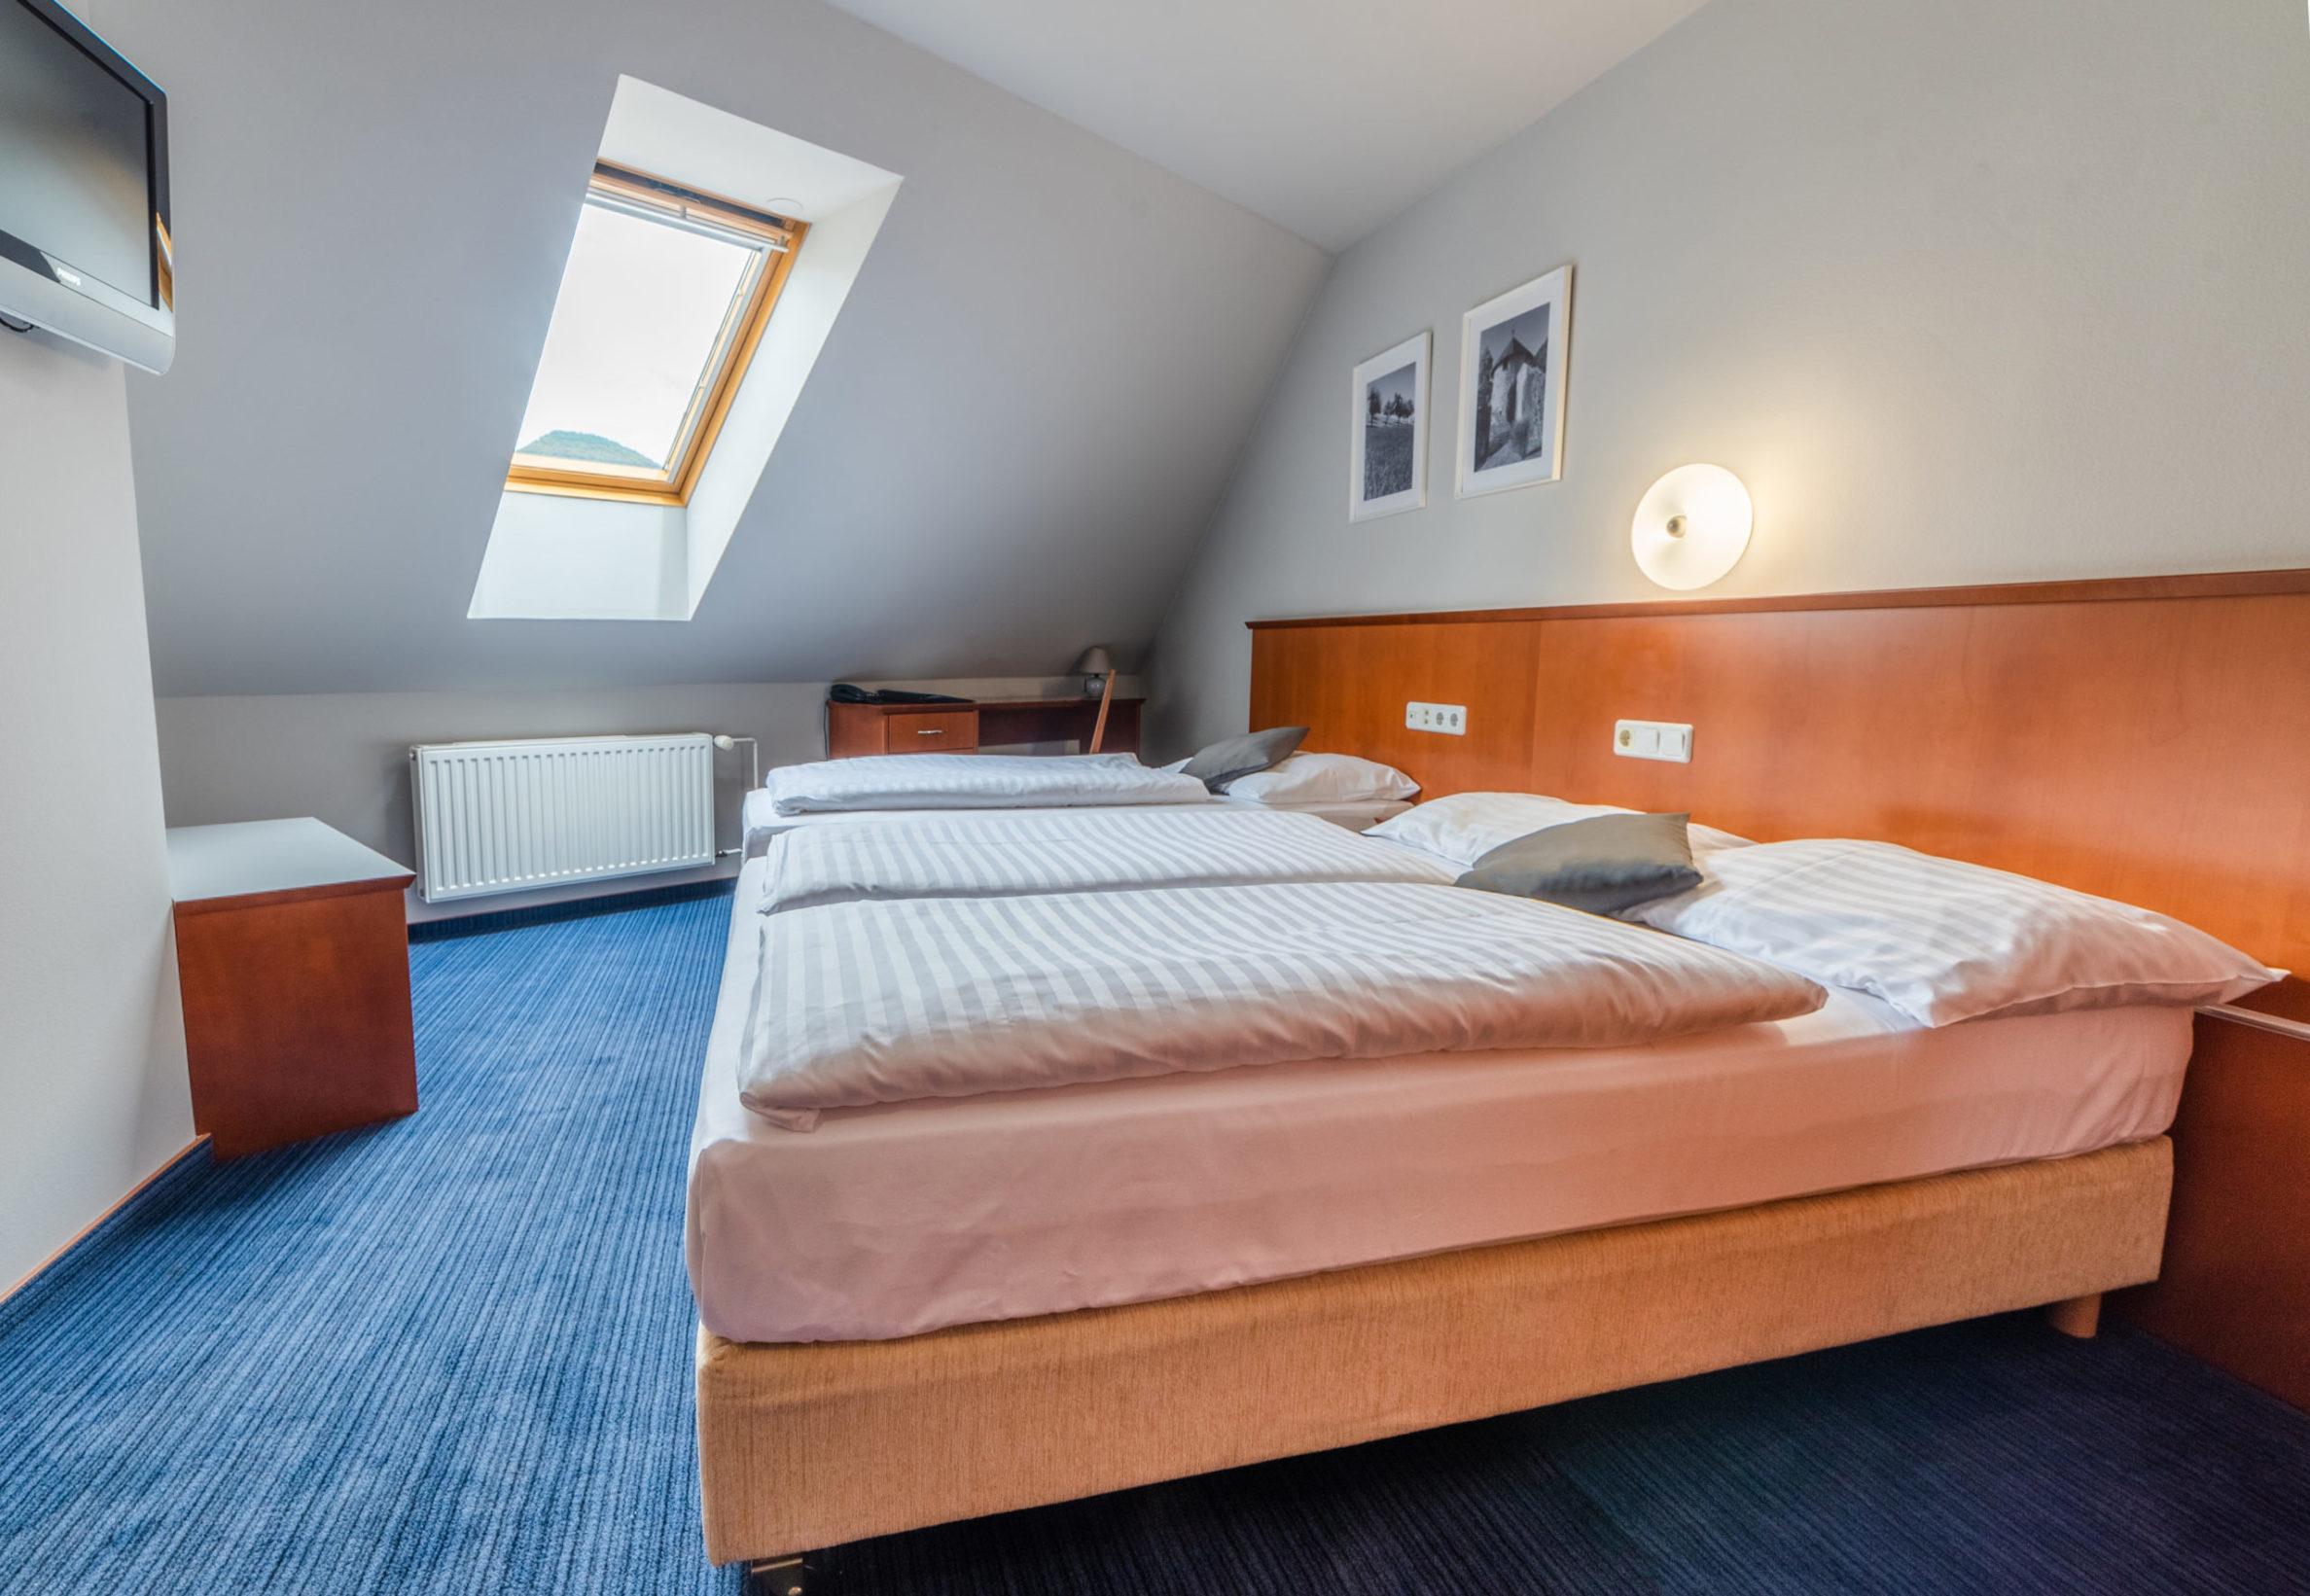 Dvoposteljna soba z dodatnim ležiščem